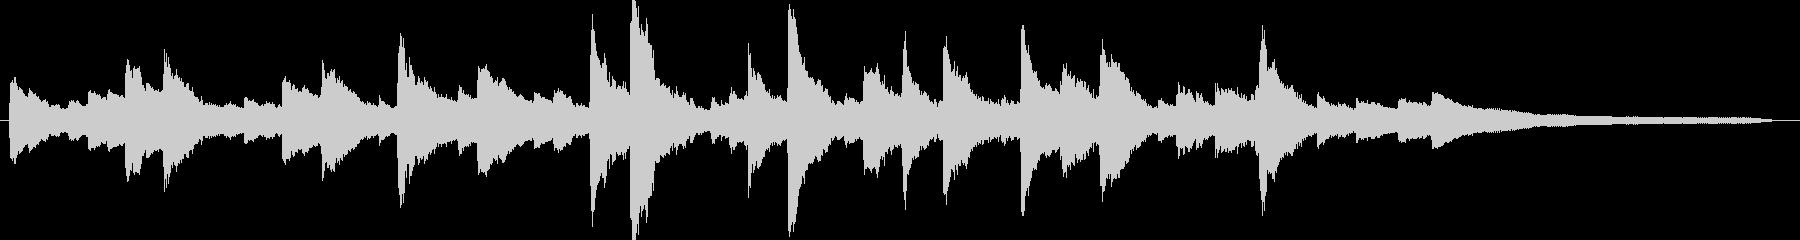 爽やかシンプルなピアノ・30秒広告CMの未再生の波形